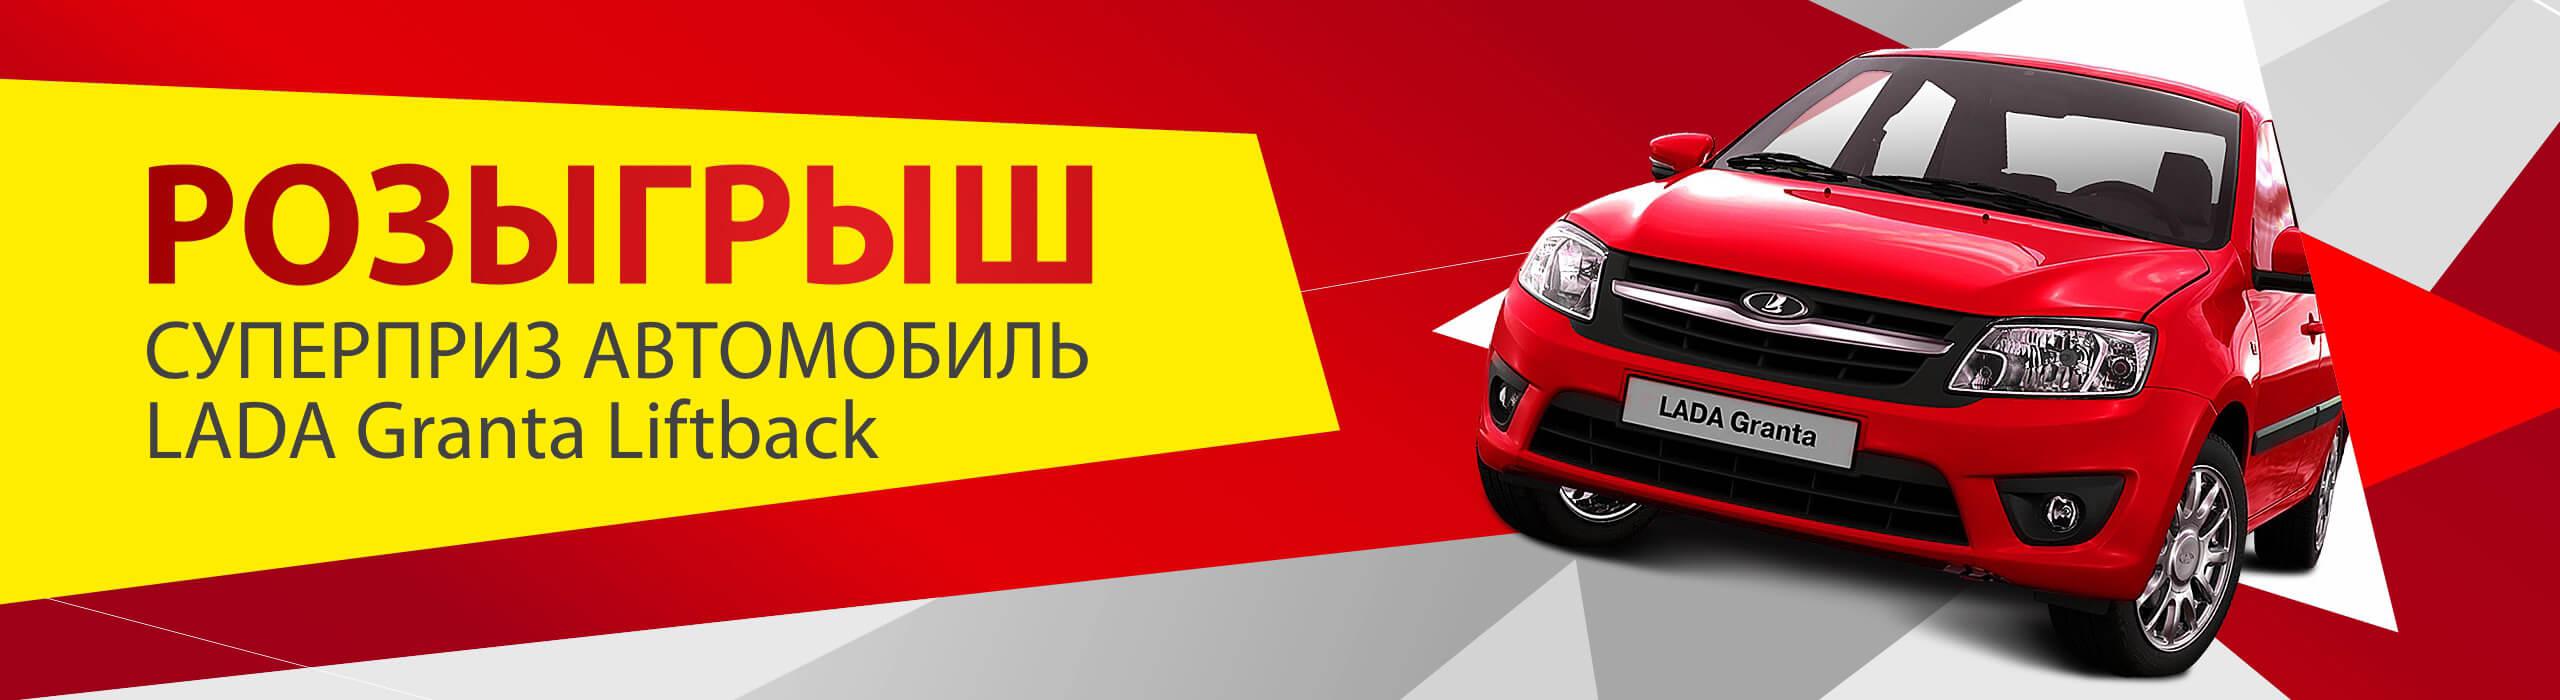 Итоги розыгрыша автомобиля  LADA GRANTA Liftbak